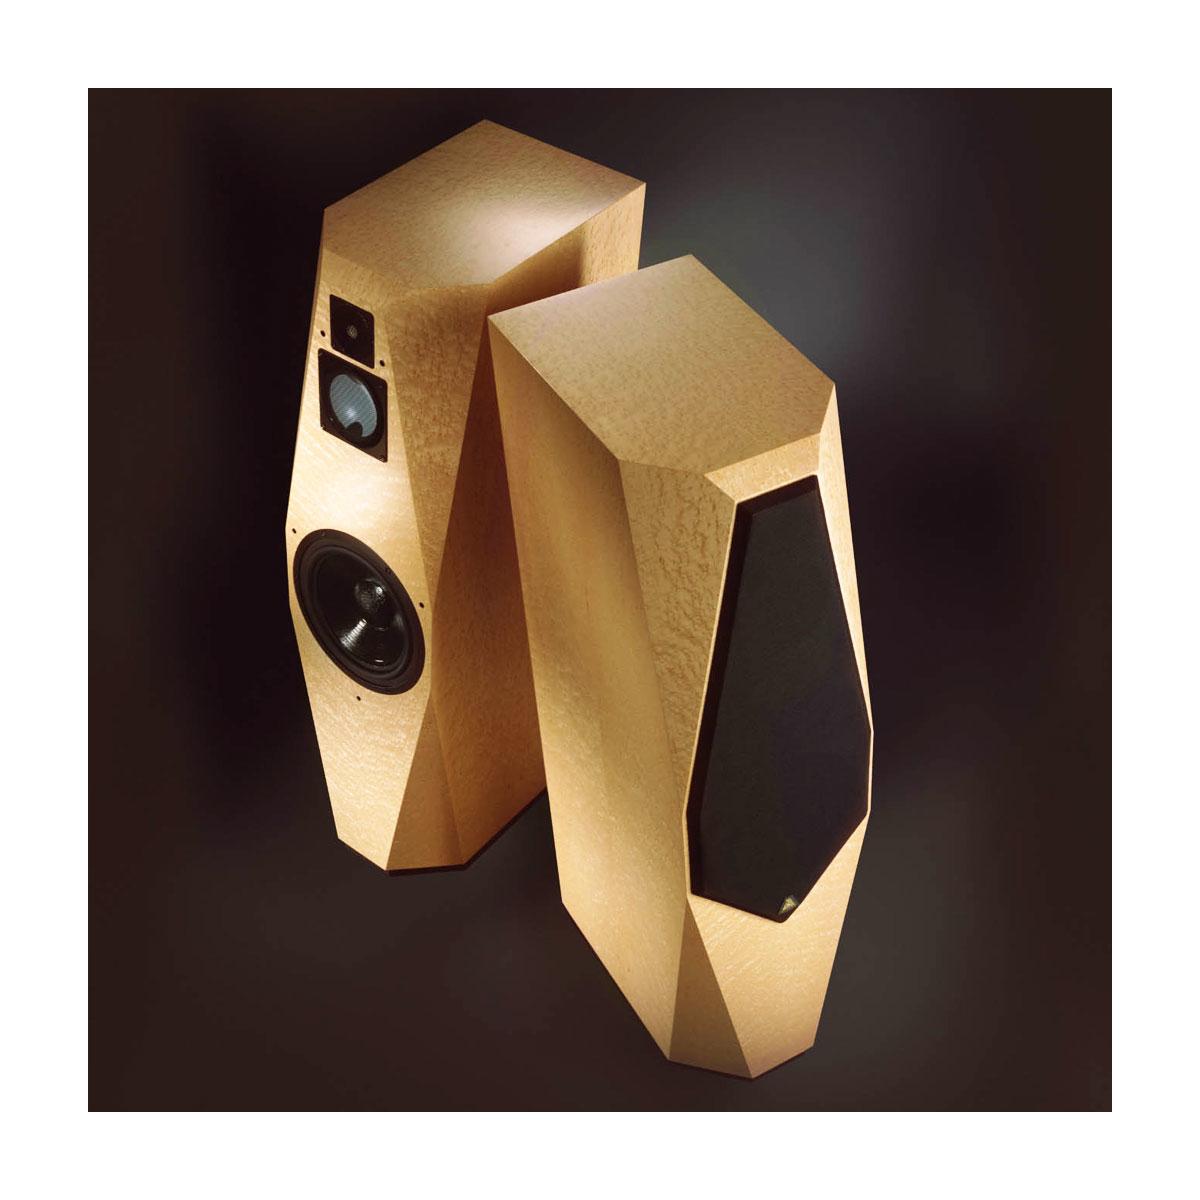 Avalon Acoustics Diamond Maple 価格お問い合わせください。 アヴァロン スピーカーシステム